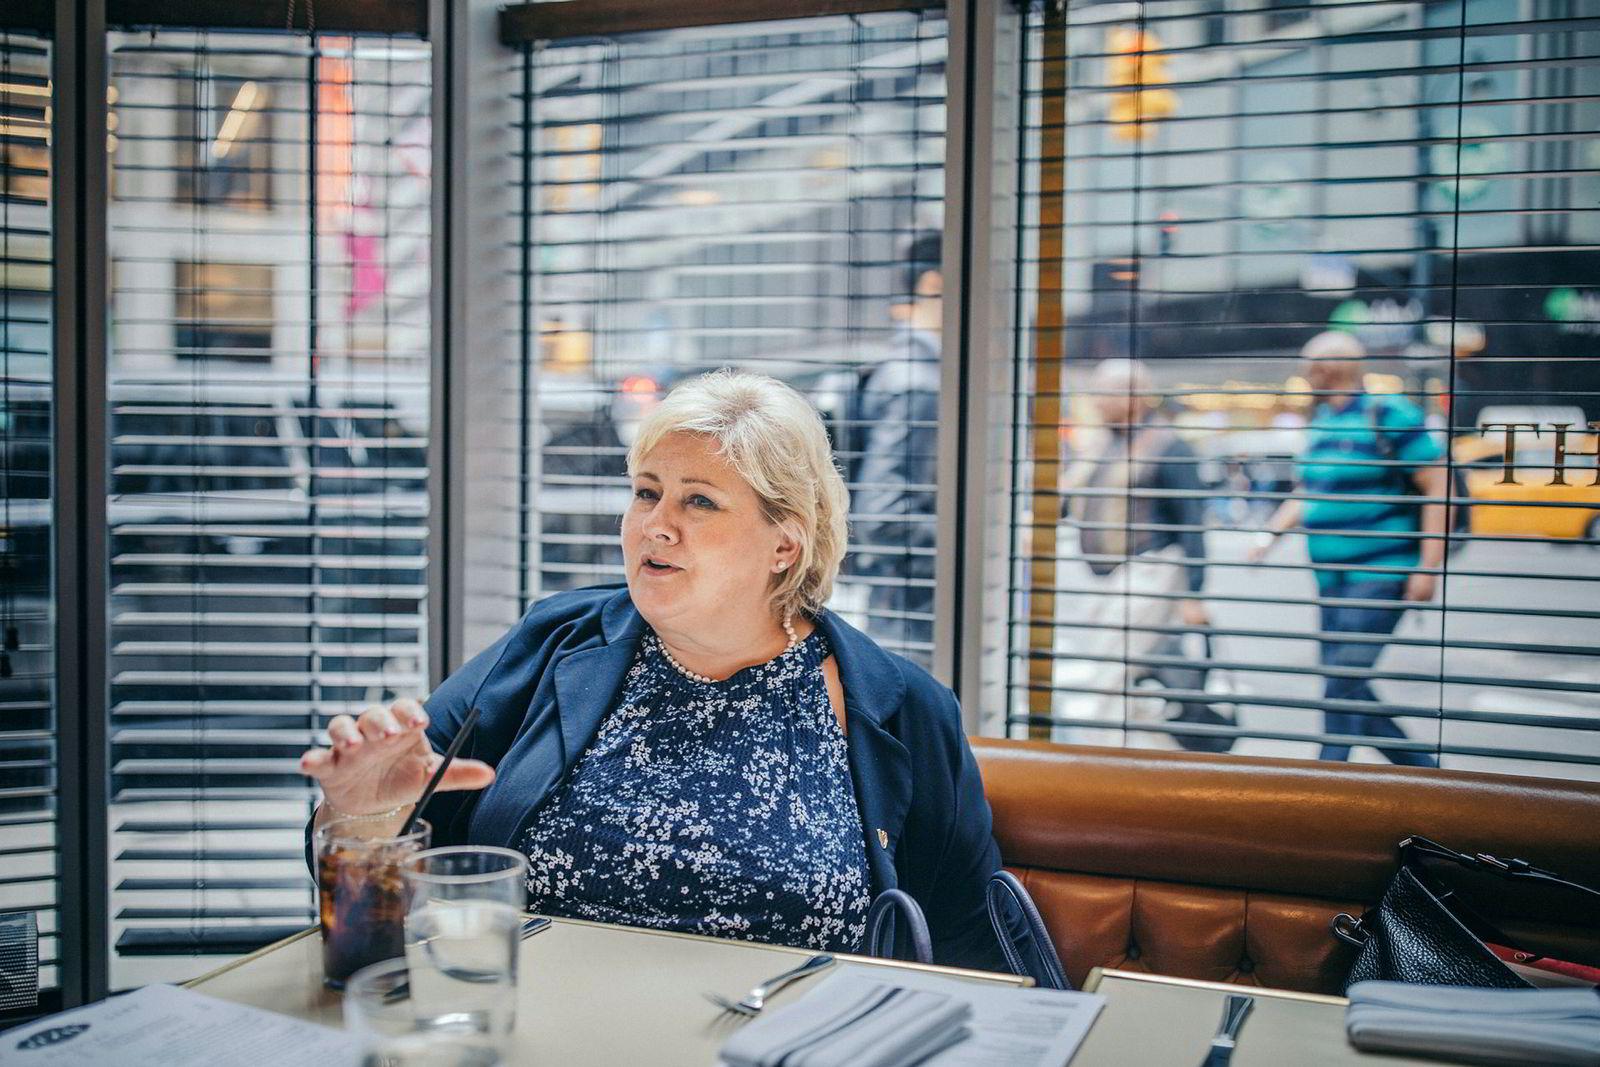 Statsminister Erna Solberg tok et hvileskjær med en Cola Light på Manhattan søndag ettermiddag. Mens hun treffer statsledere i New York under FN-uken, vil hun aktivt ta opp handelsspørsmål – og støtte til Verdens handelsorganisasjon.